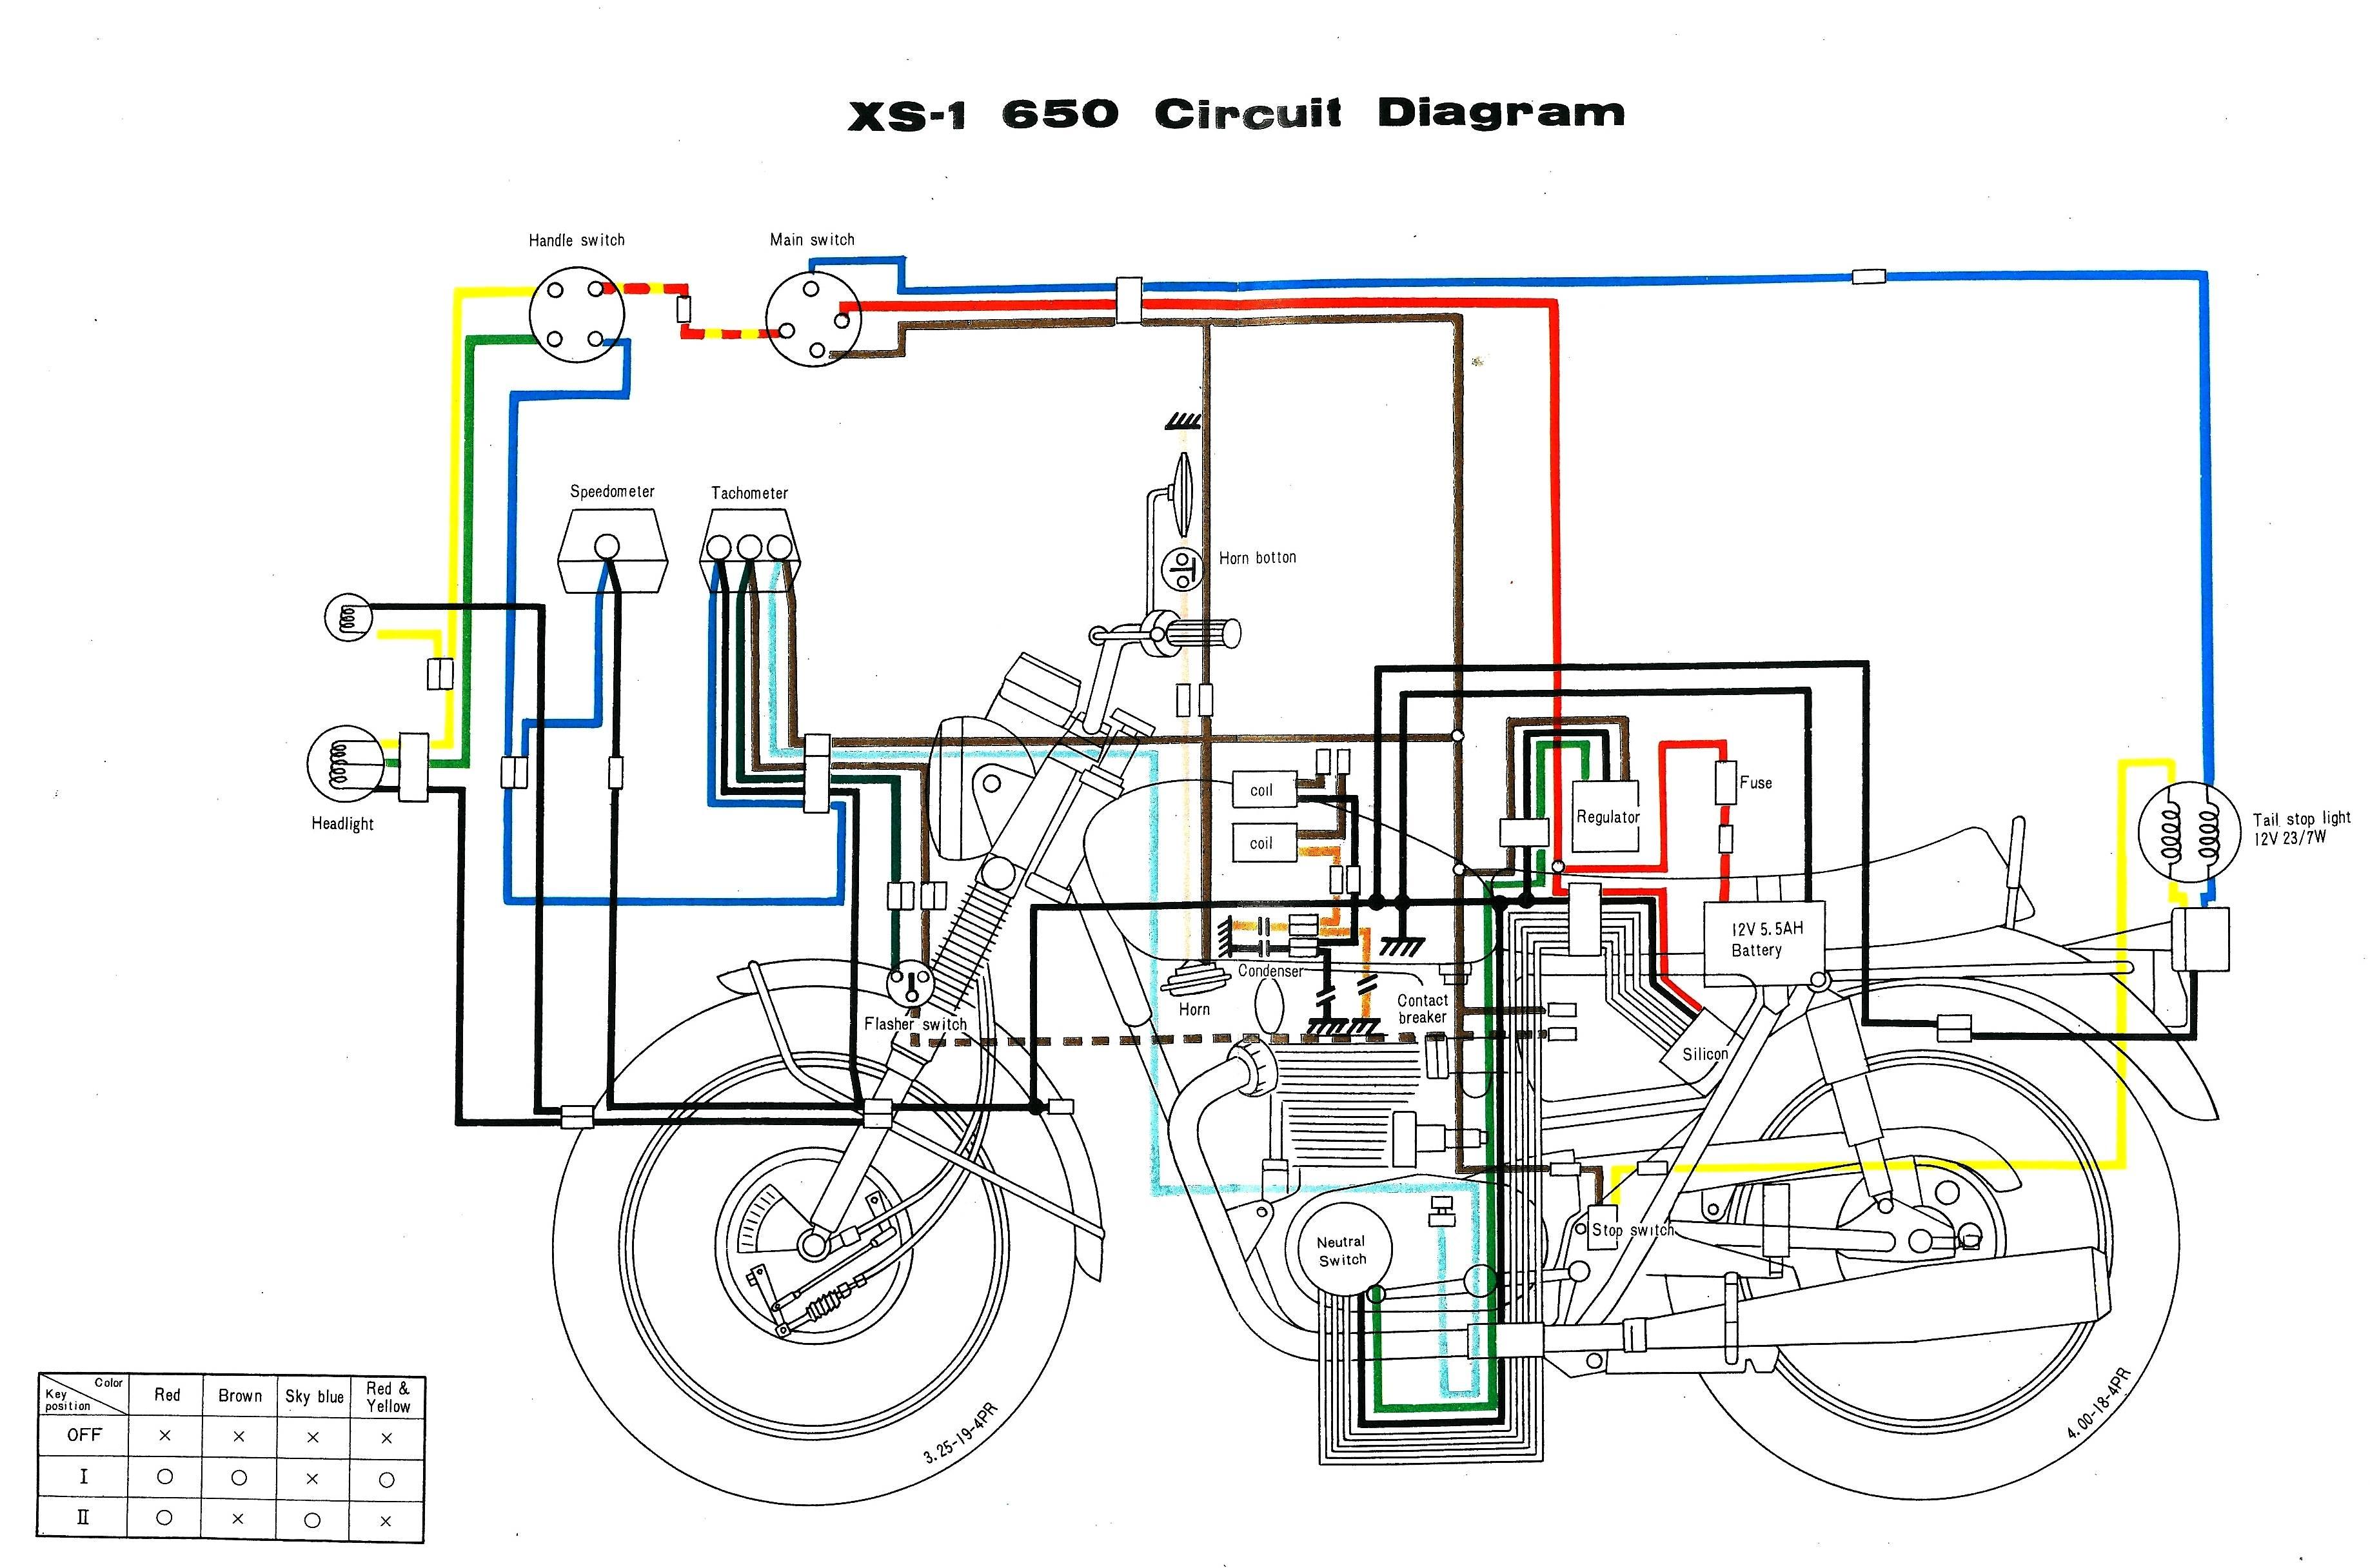 wiring diagrams auto electrical wiring diagram rh wiring radtour co Yamaha Rectifier Regulator Wiring Diagram Bridge Rectifier Wiring-Diagram